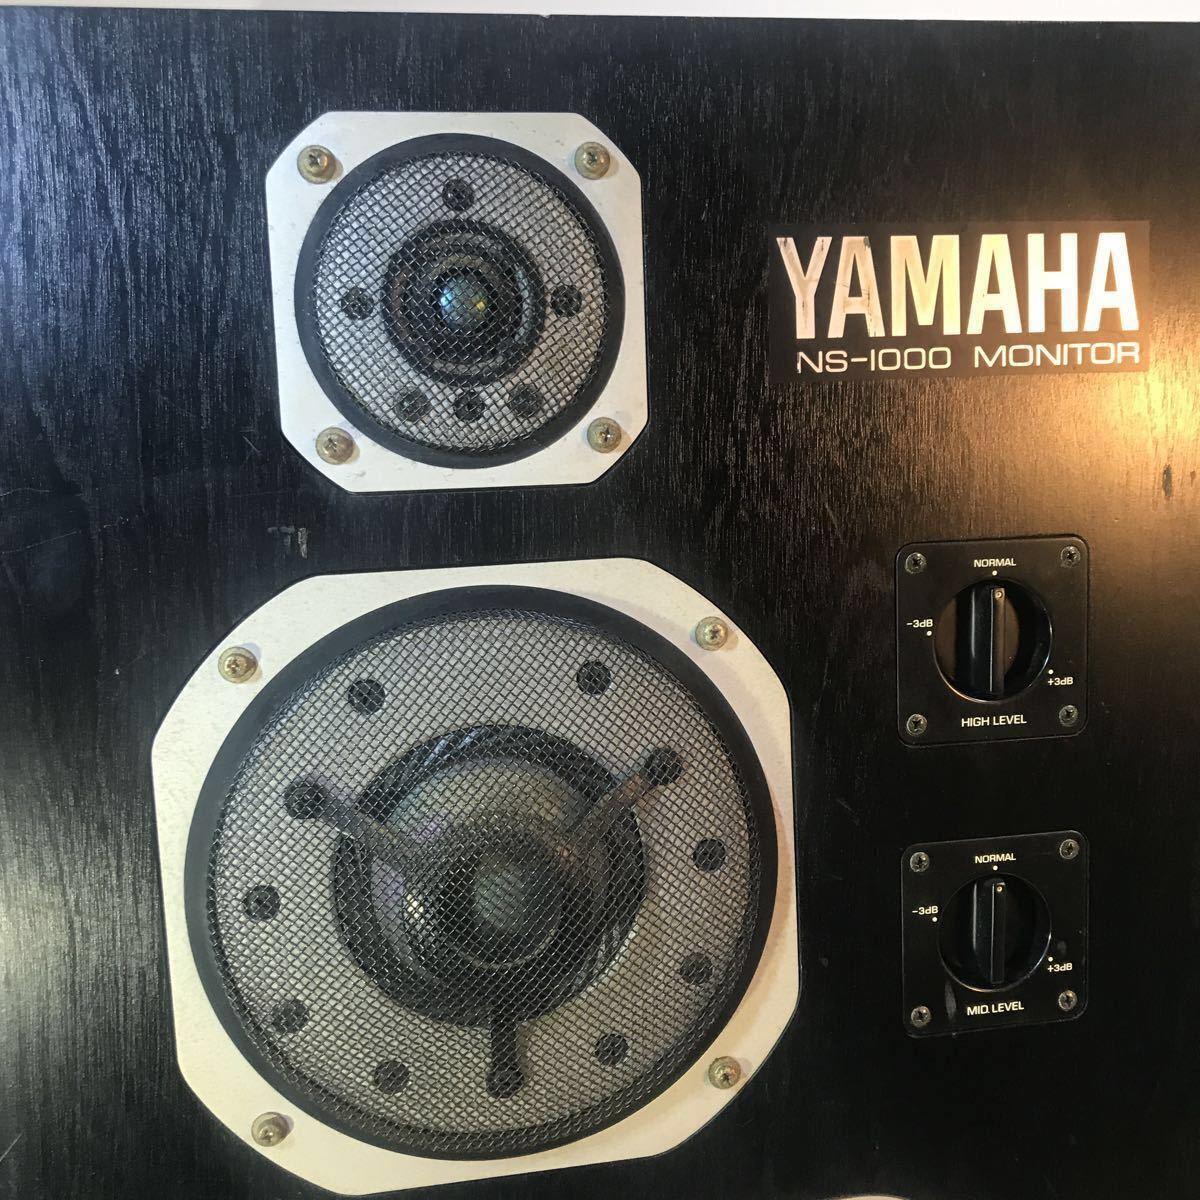 ★☆YAMAHA ヤマハ スピーカー NS-1000 MONITOR SPEAKER SYSTEM ☆★_画像2